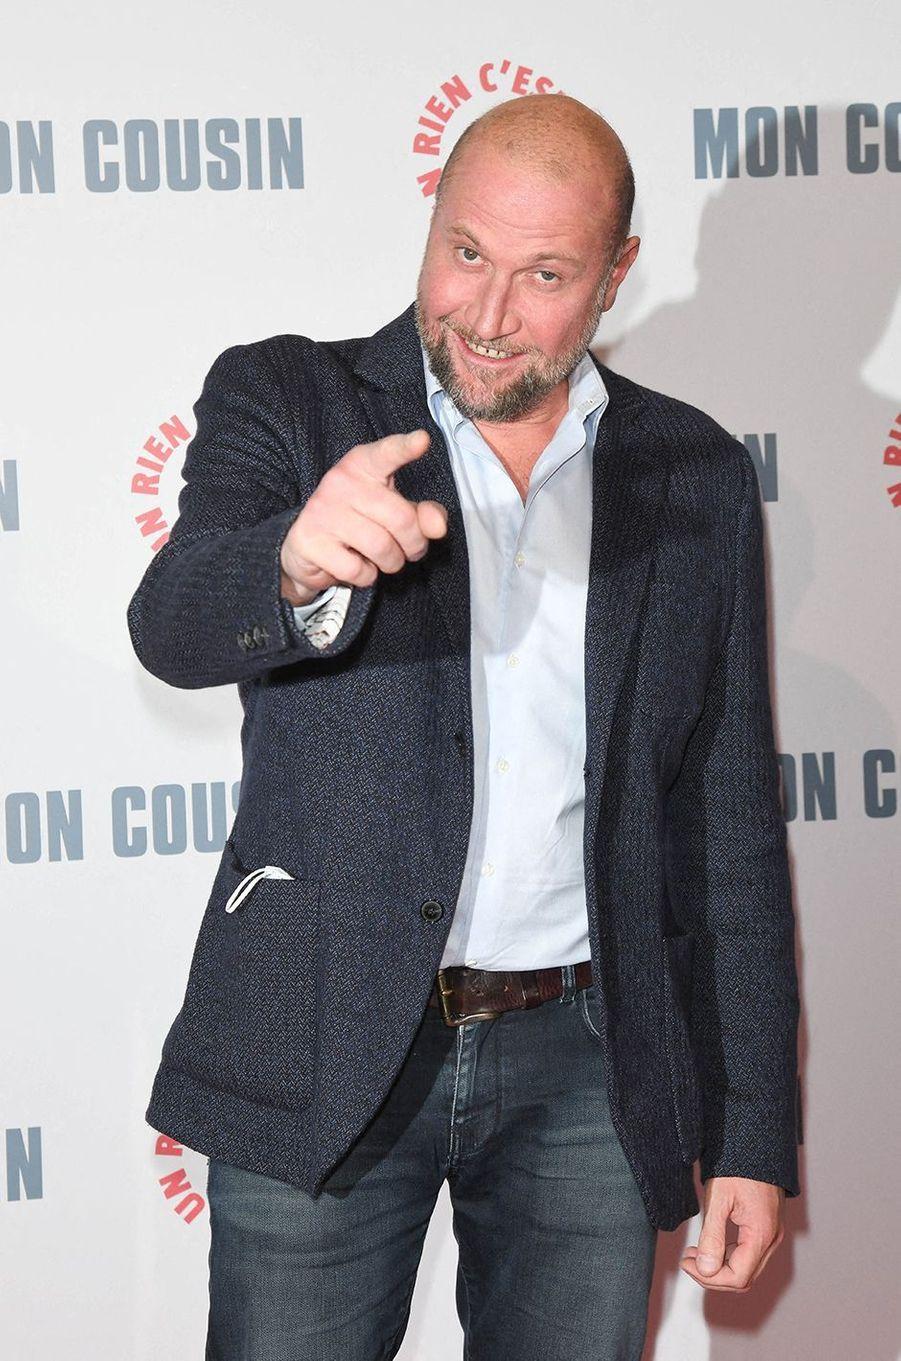 François Damiensà l'avant-première du film«Mon Cousin» au Grand Rex à Paris le 28 septembre 2020